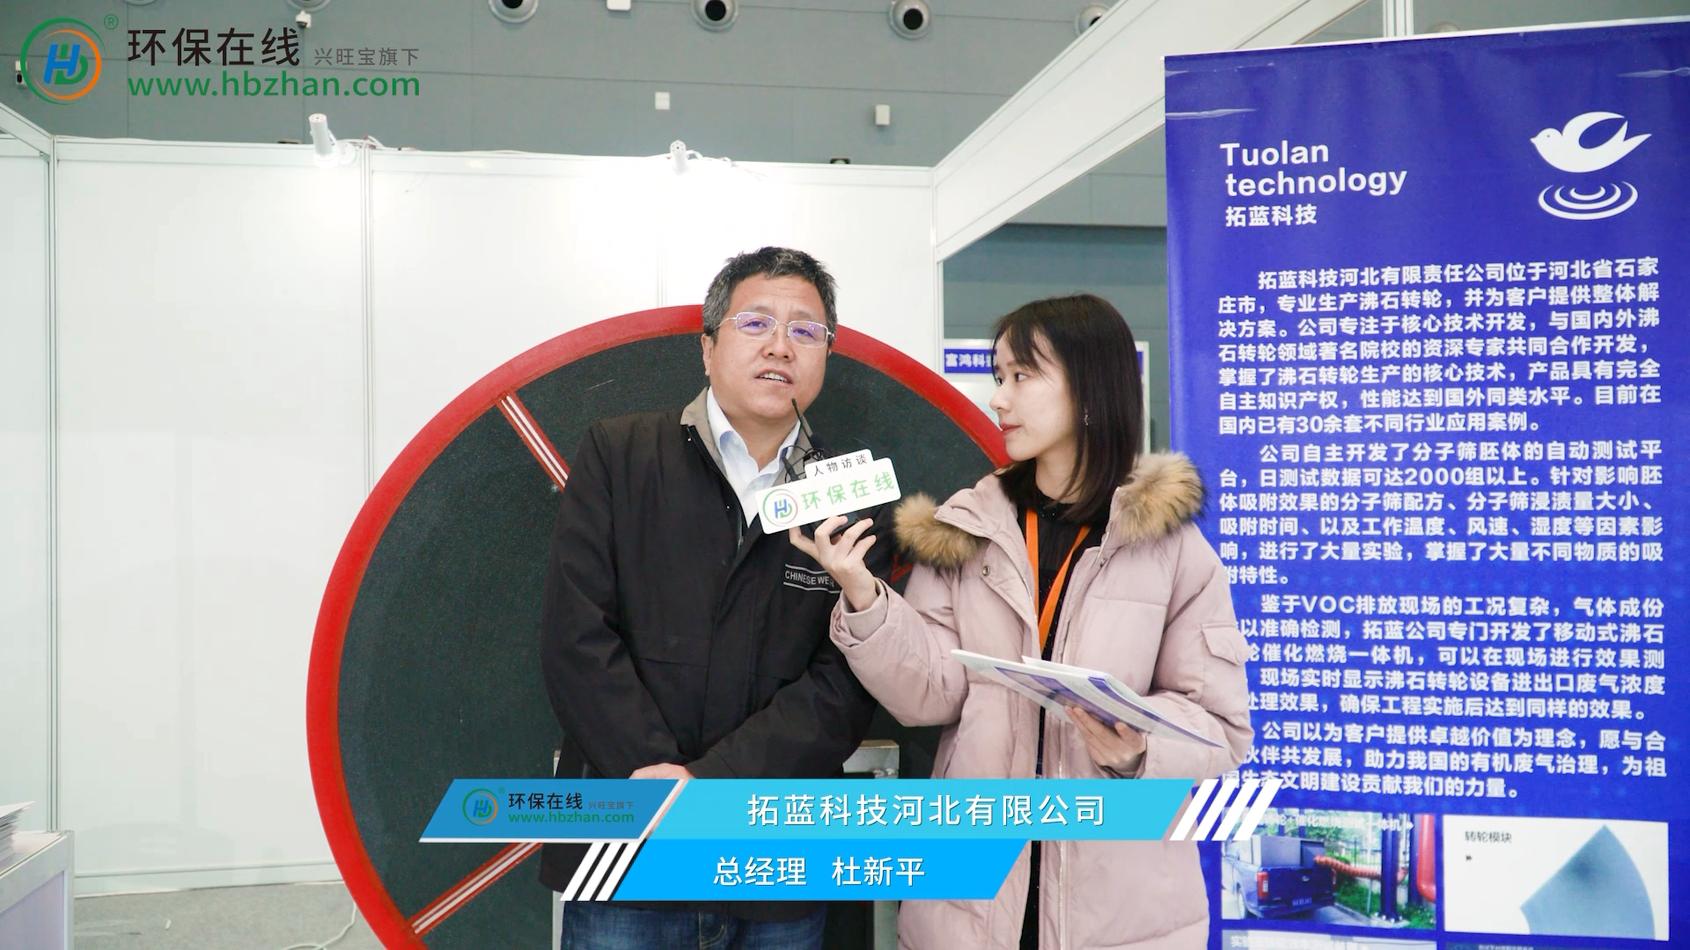 专访:拓蓝科技总经理 杜新平